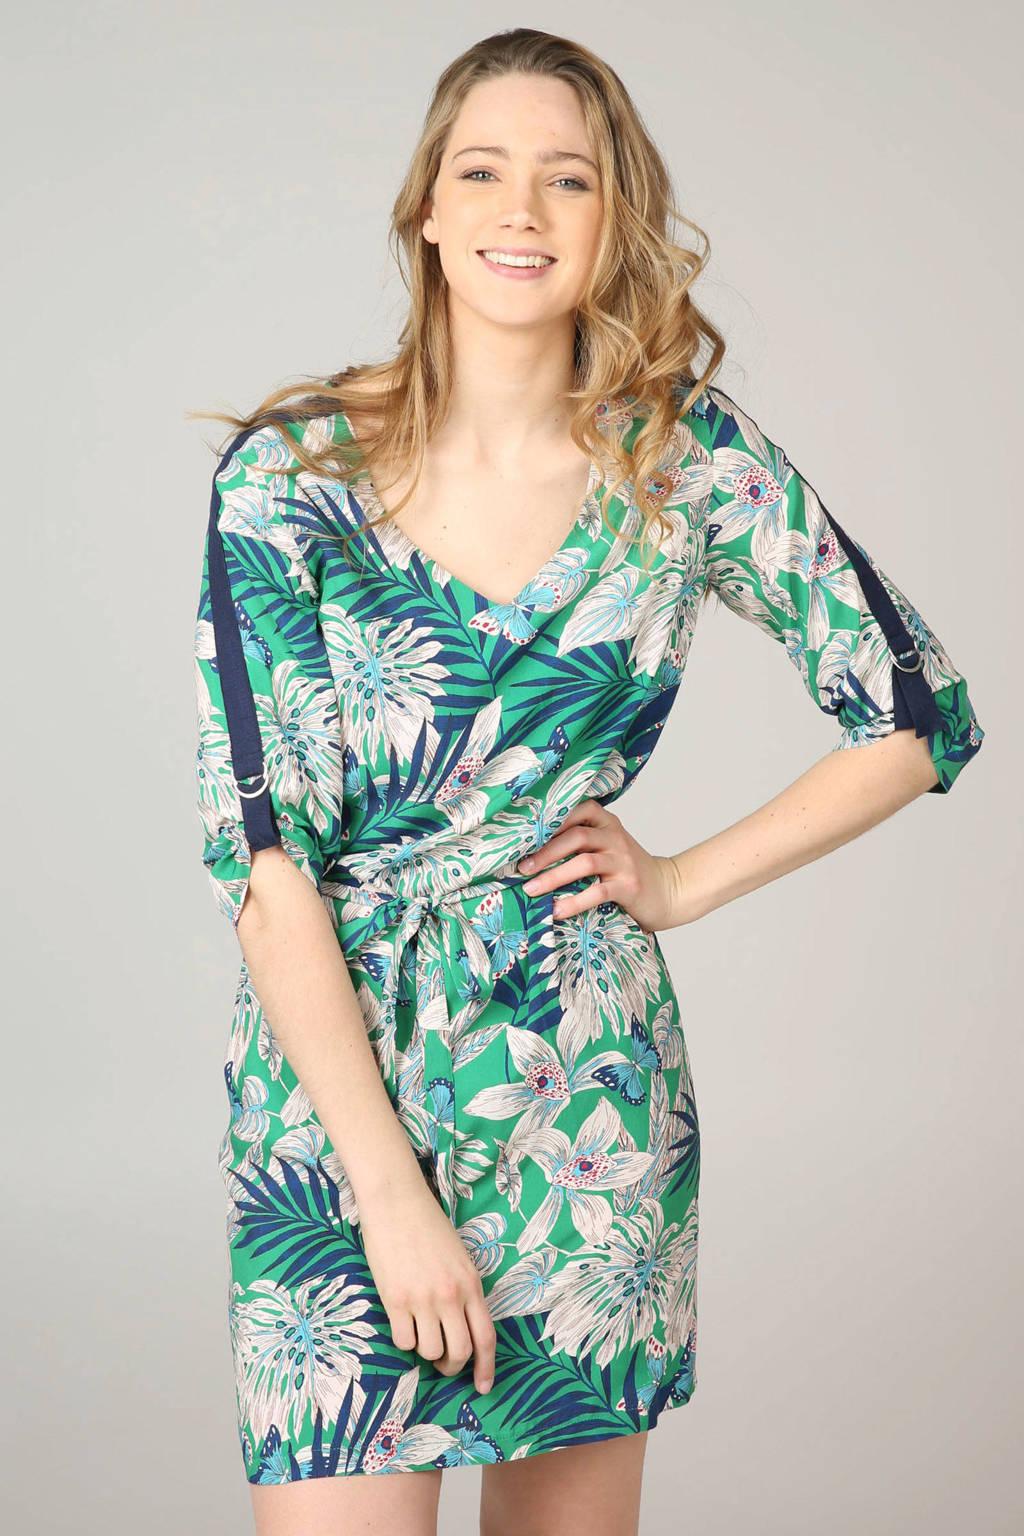 Cassis gebloemde jurk, Groen/wit